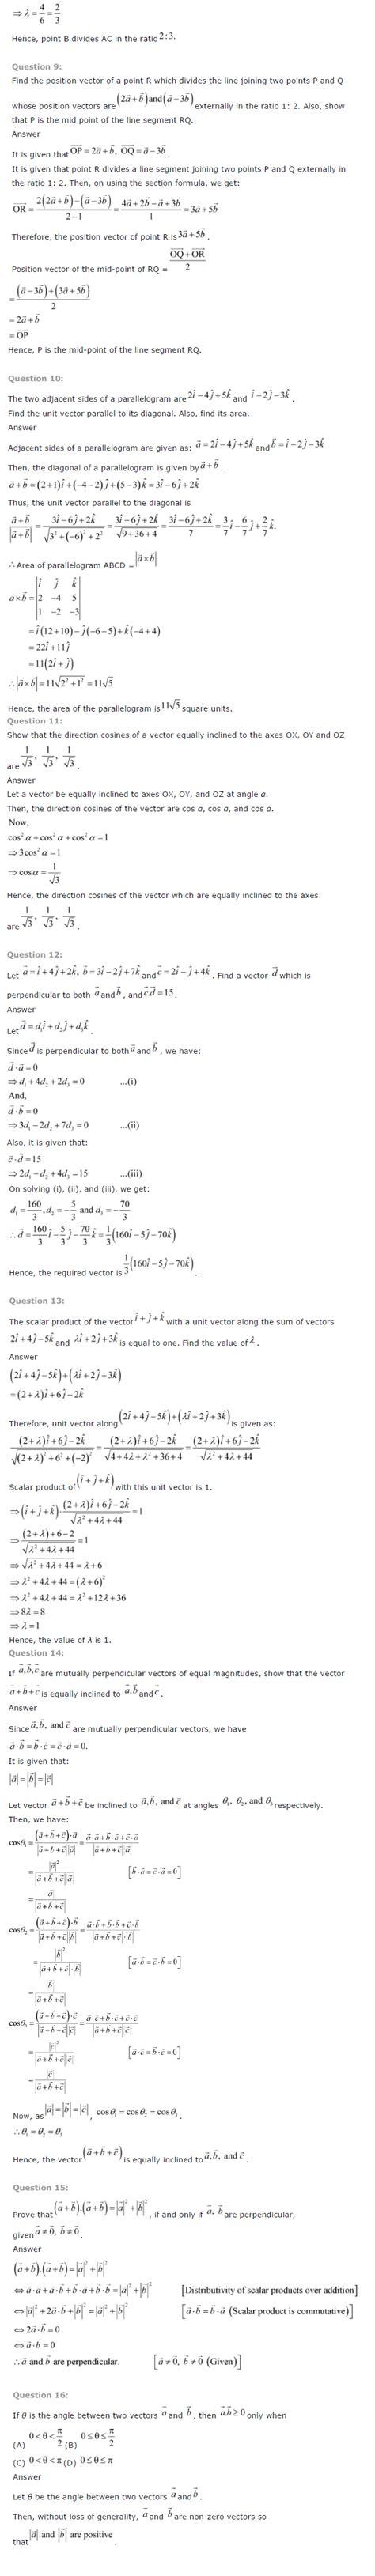 ncert solutions for class 12 maths chapter 10 vector